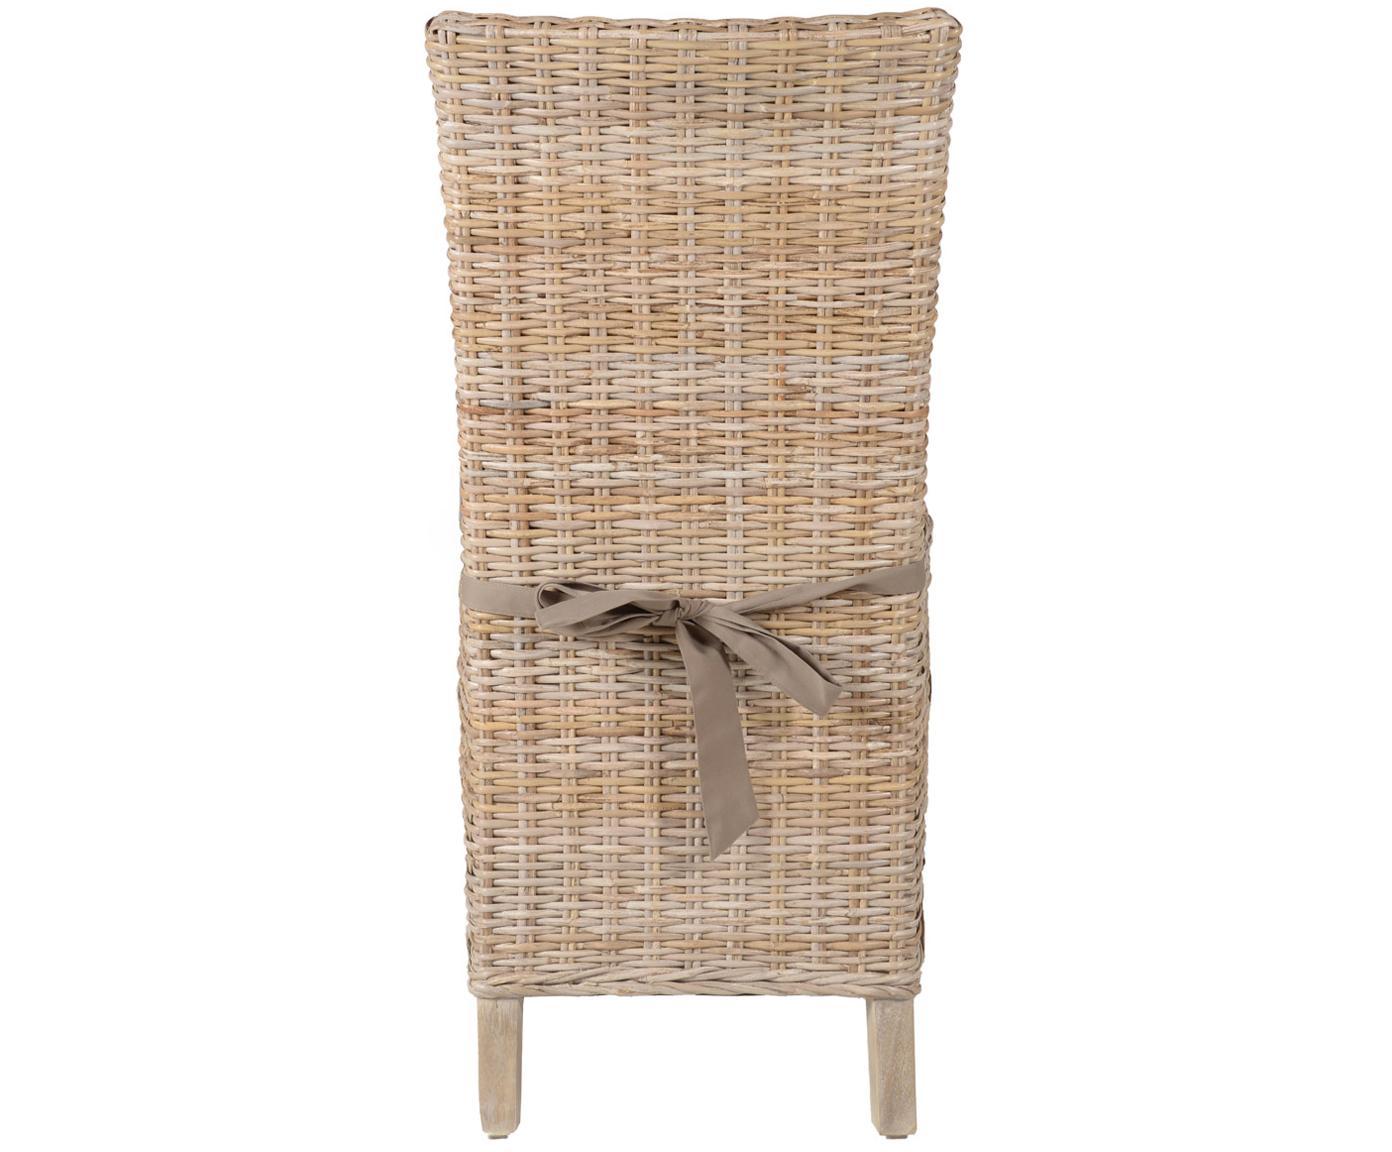 Krzesło z polirattanu Kubu, 2 szt., Nogi: drewno tekowe, lakierowan, Stelaż: drewno akacjowe surowe, Szary, S 46 x G 60 cm